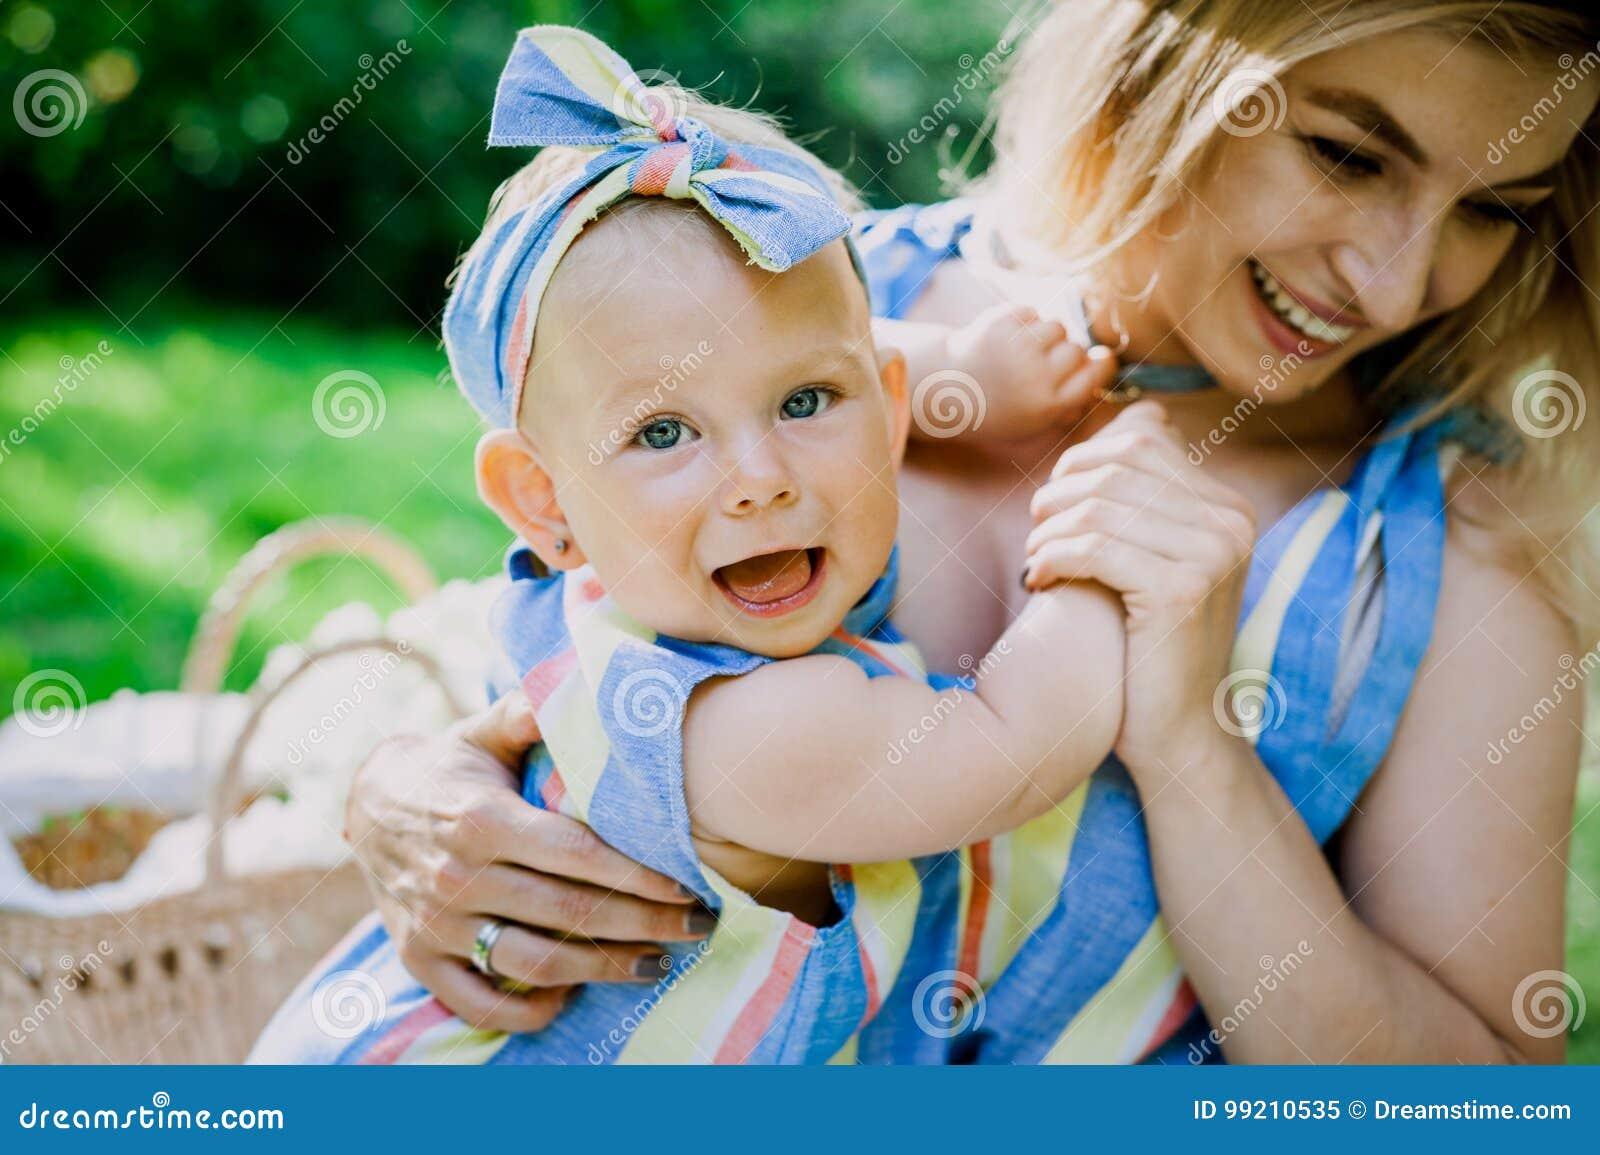 La donna in vestito blu alza sulla sua piccola figlia negli stessi vestiti